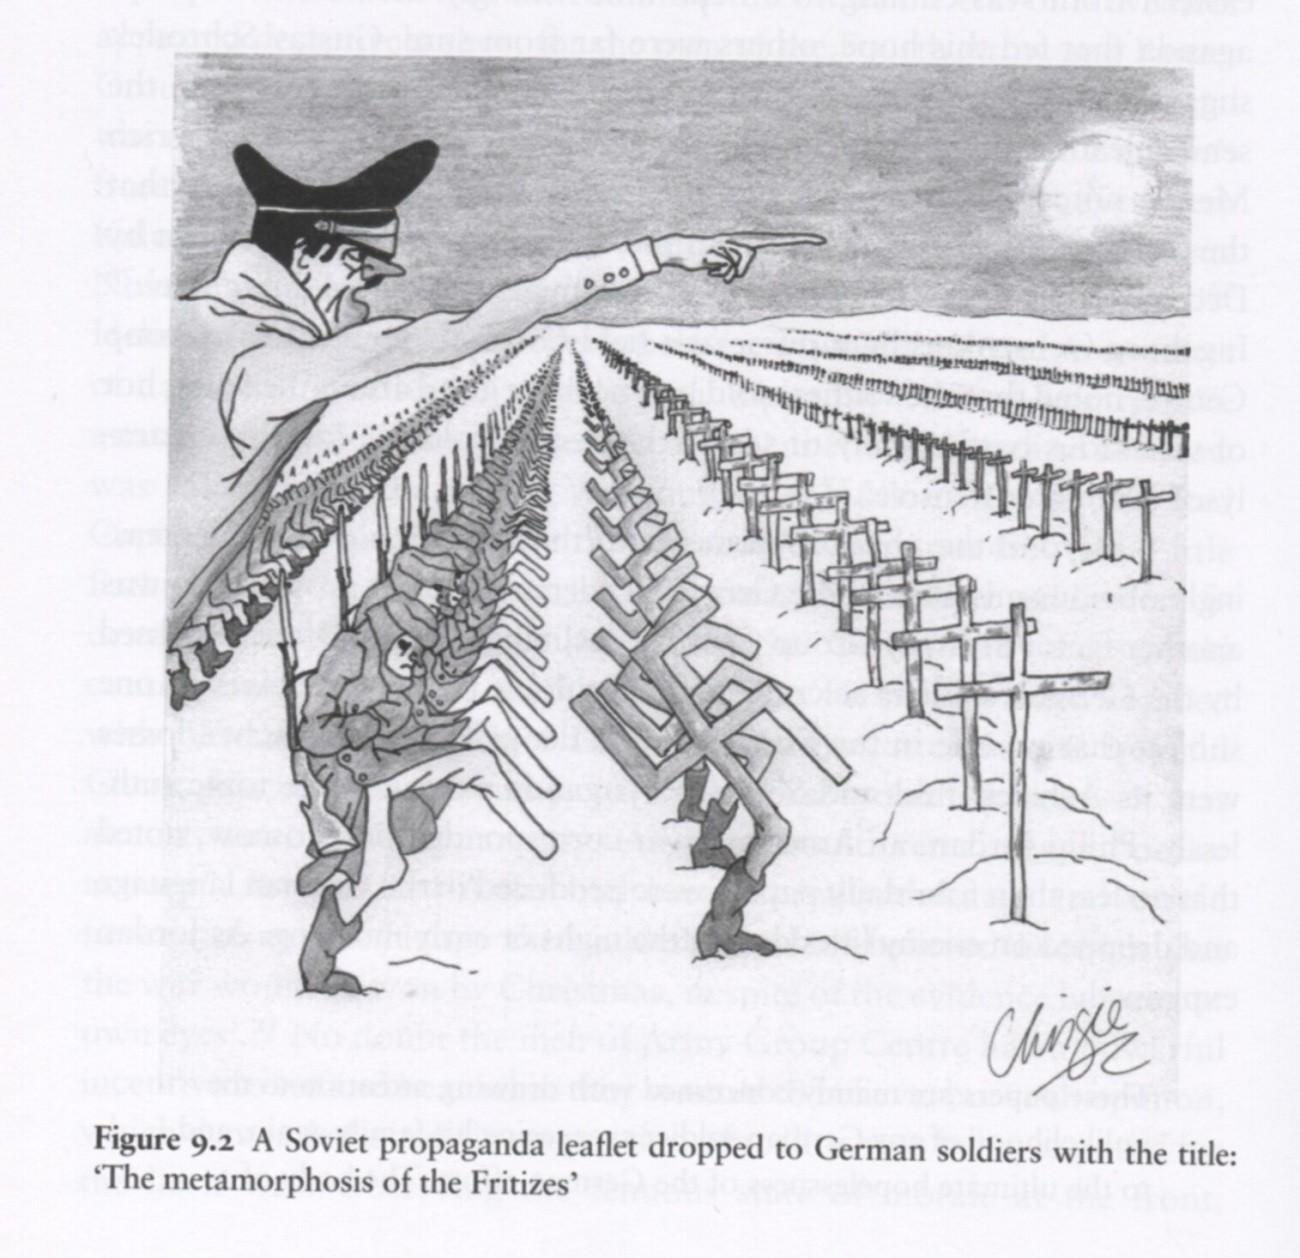 Sovjetska karikatura ofenzive njemačkih vojnika na Moskvu.